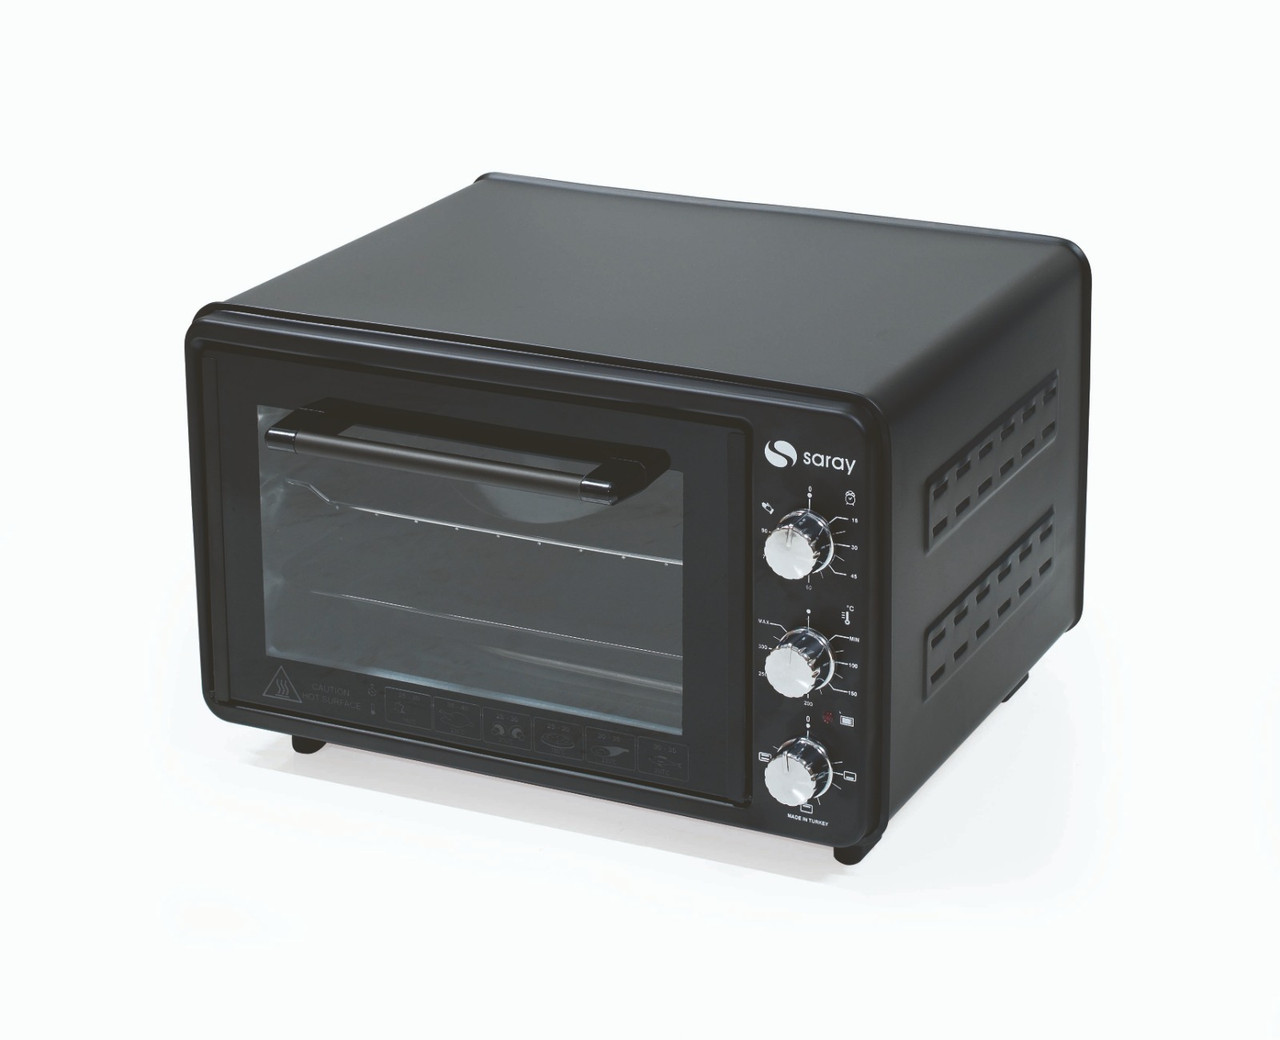 Мини печь электрическая Saray MNO-103